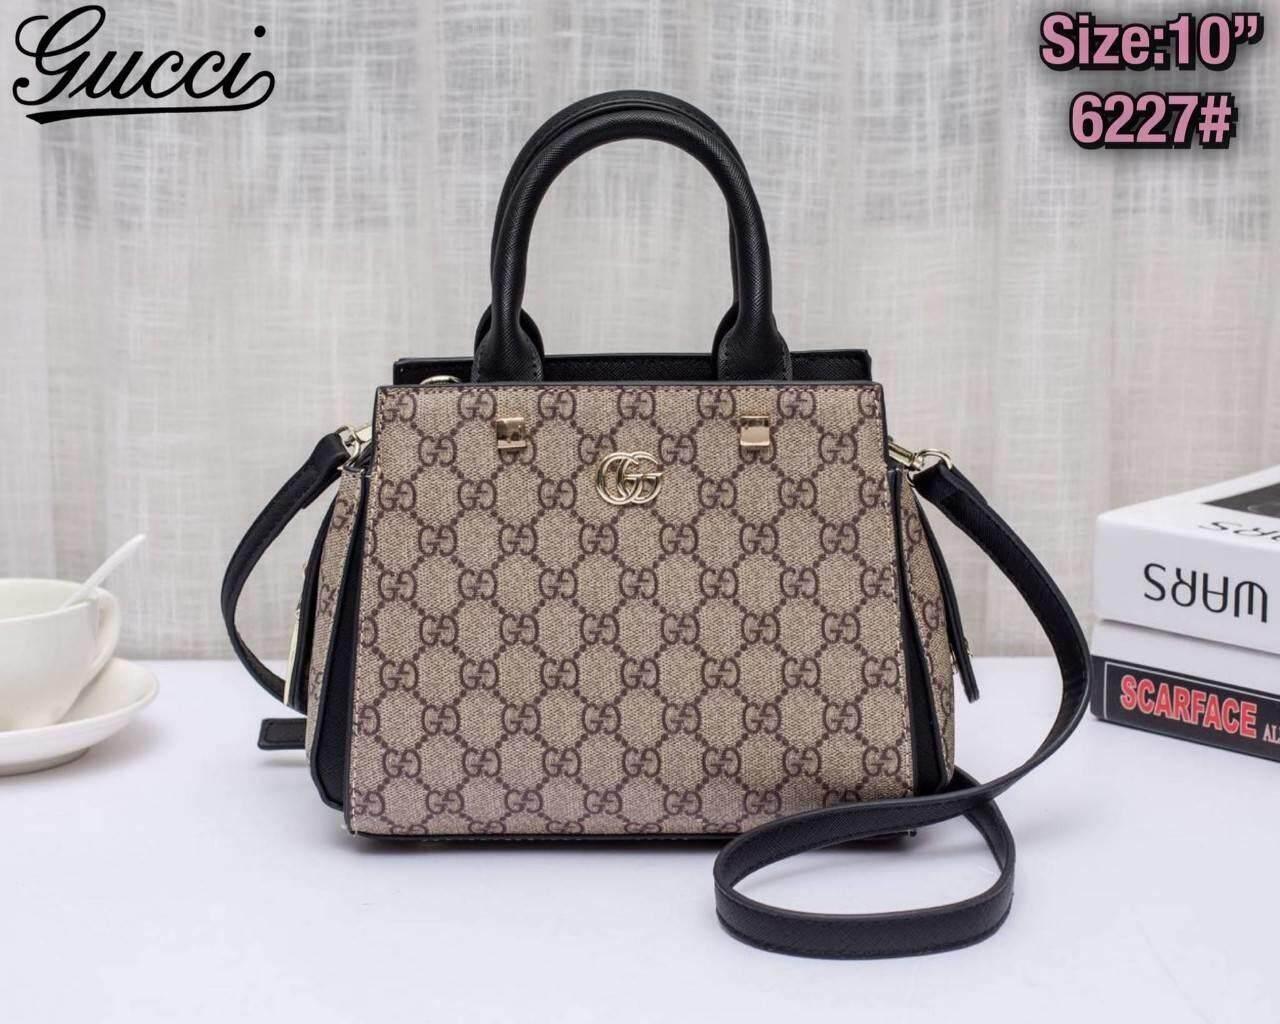 กระเป๋า   Gucci   10นิ้วโดยประมาณ อุปกรณ์ที่ได้ ถุงผ้า การ์ด.